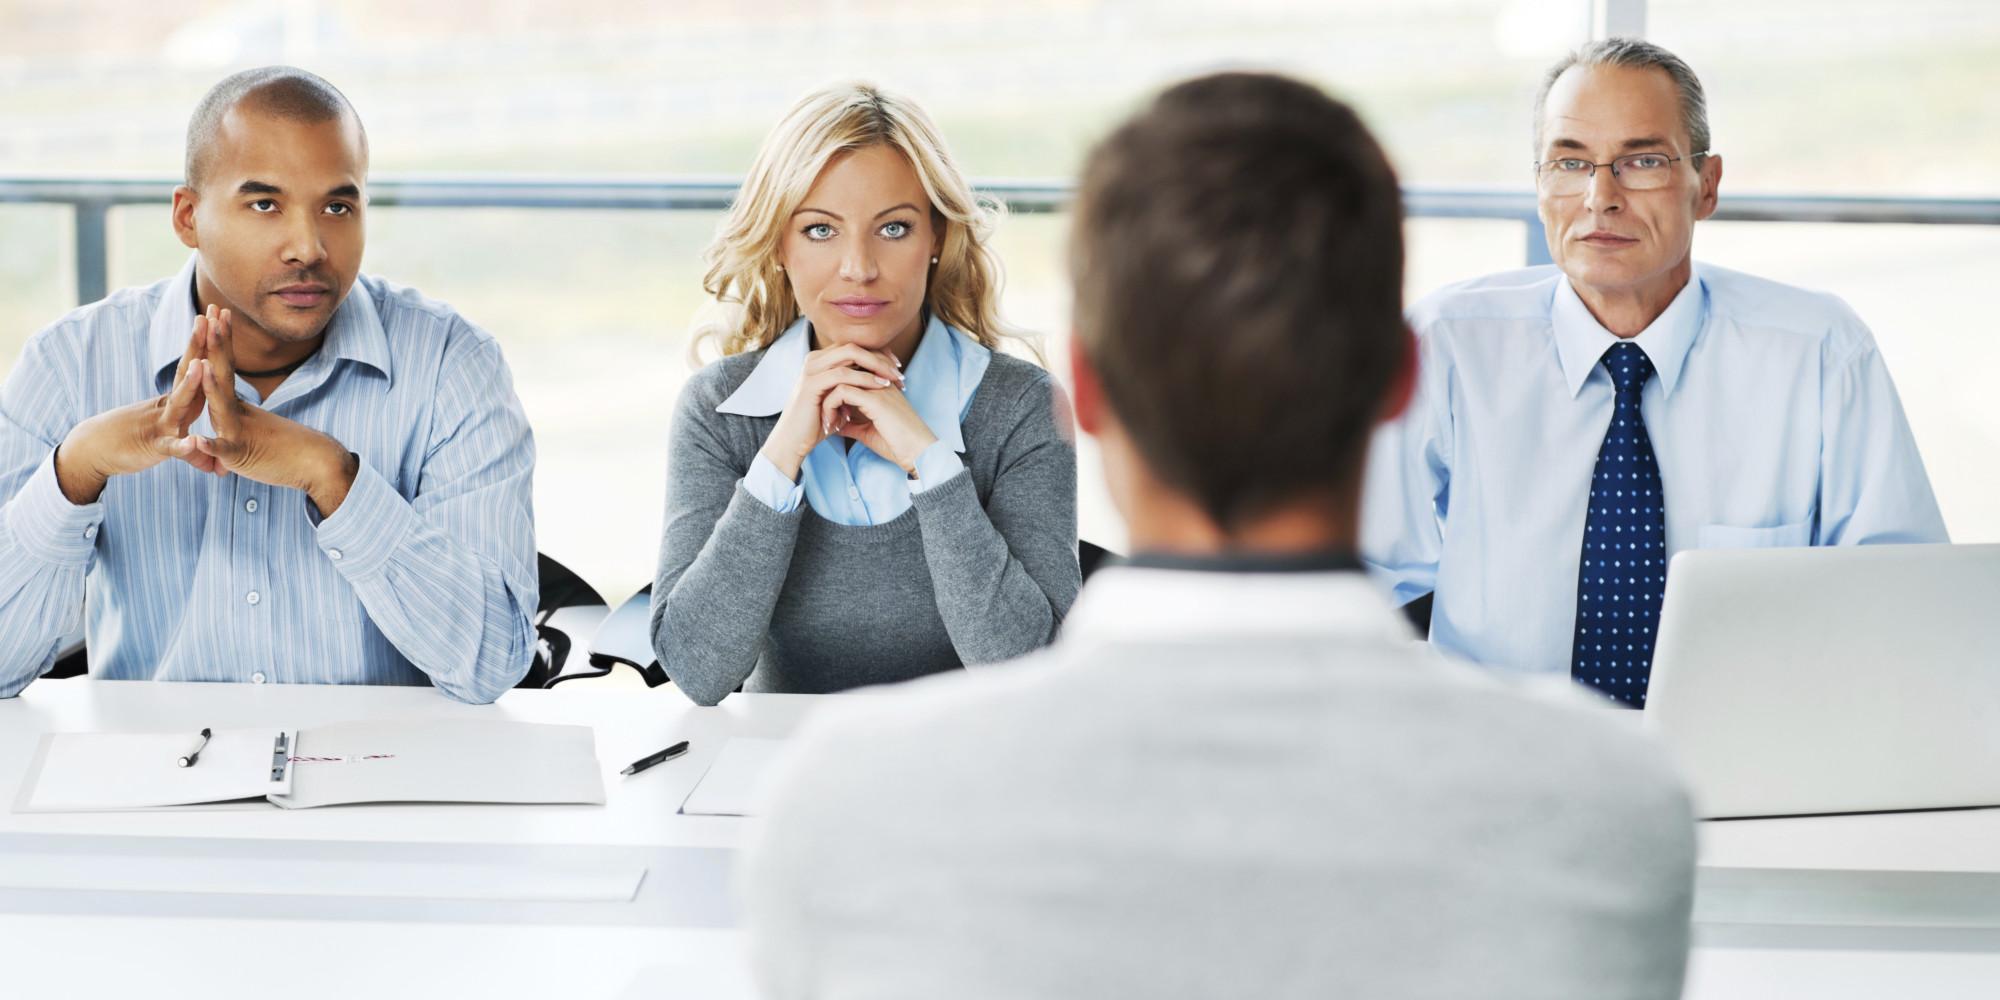 應徵學術職位面試時讓面試委員印象深刻的技巧